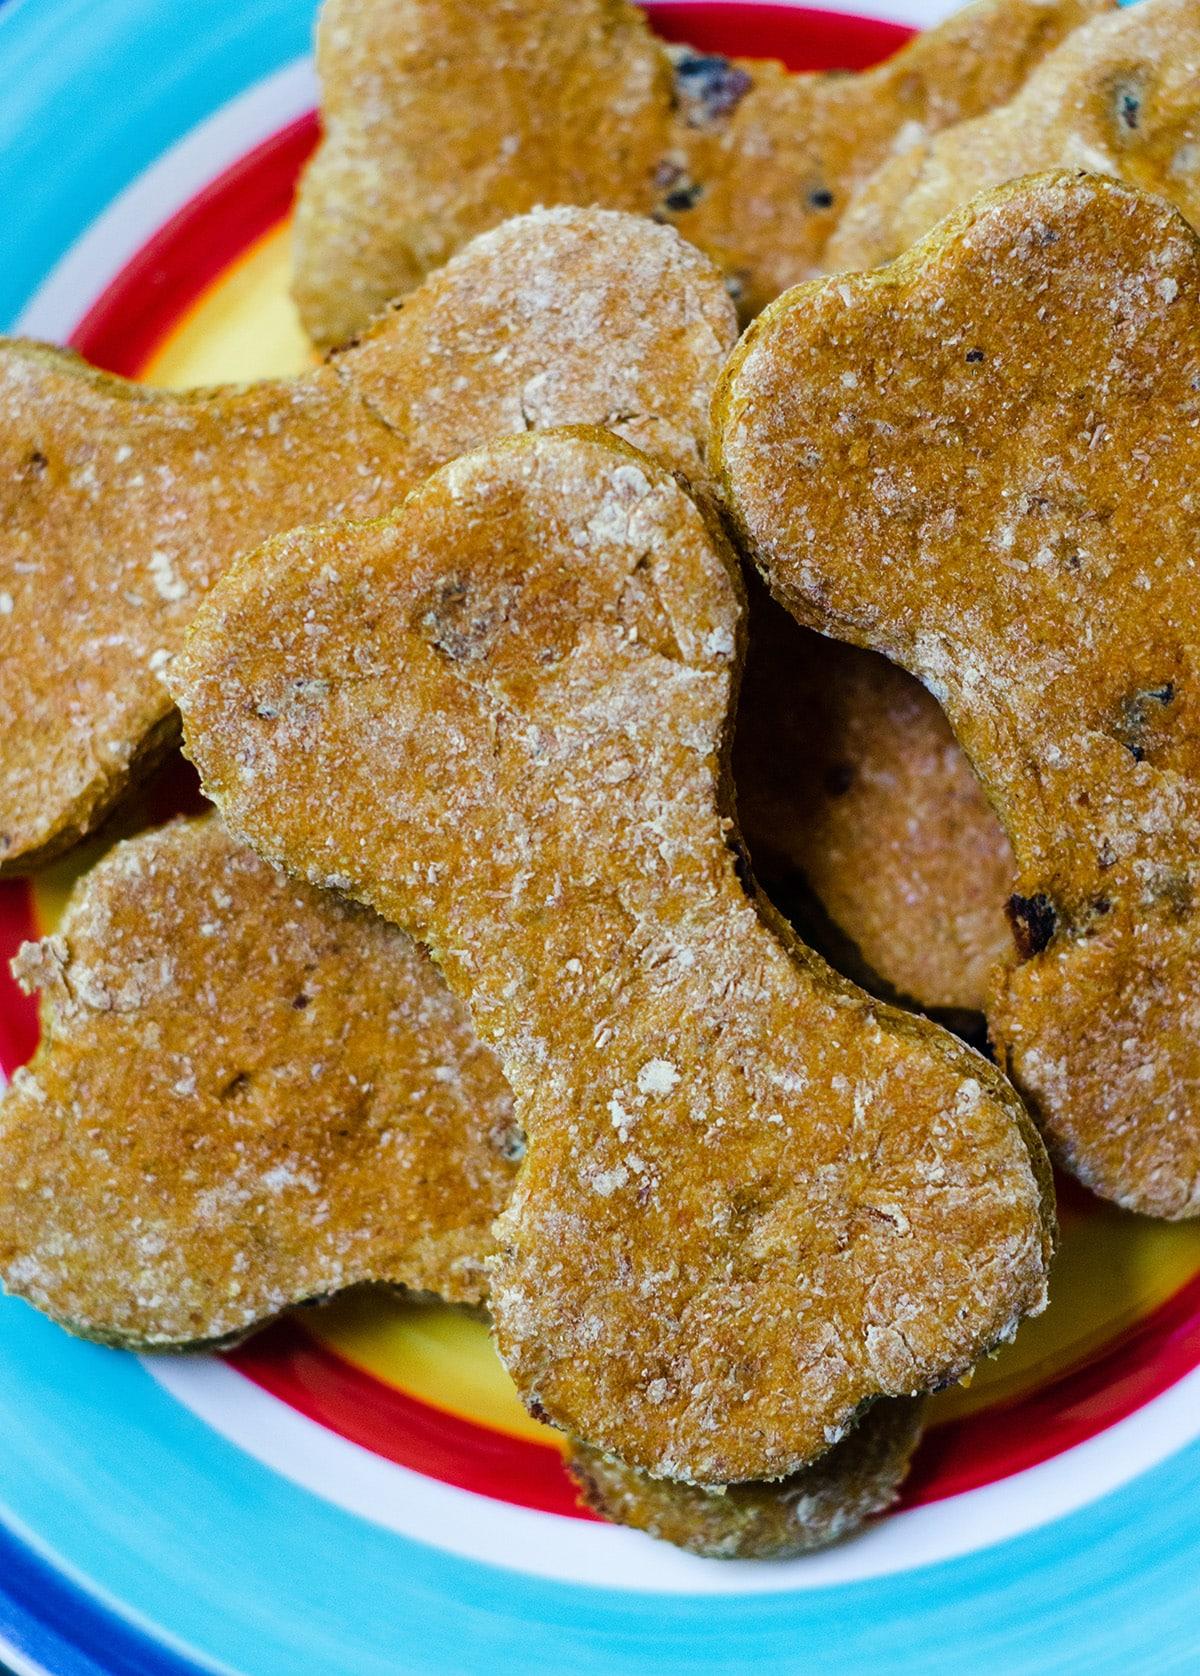 homemade pumpkin dog treats on a plate